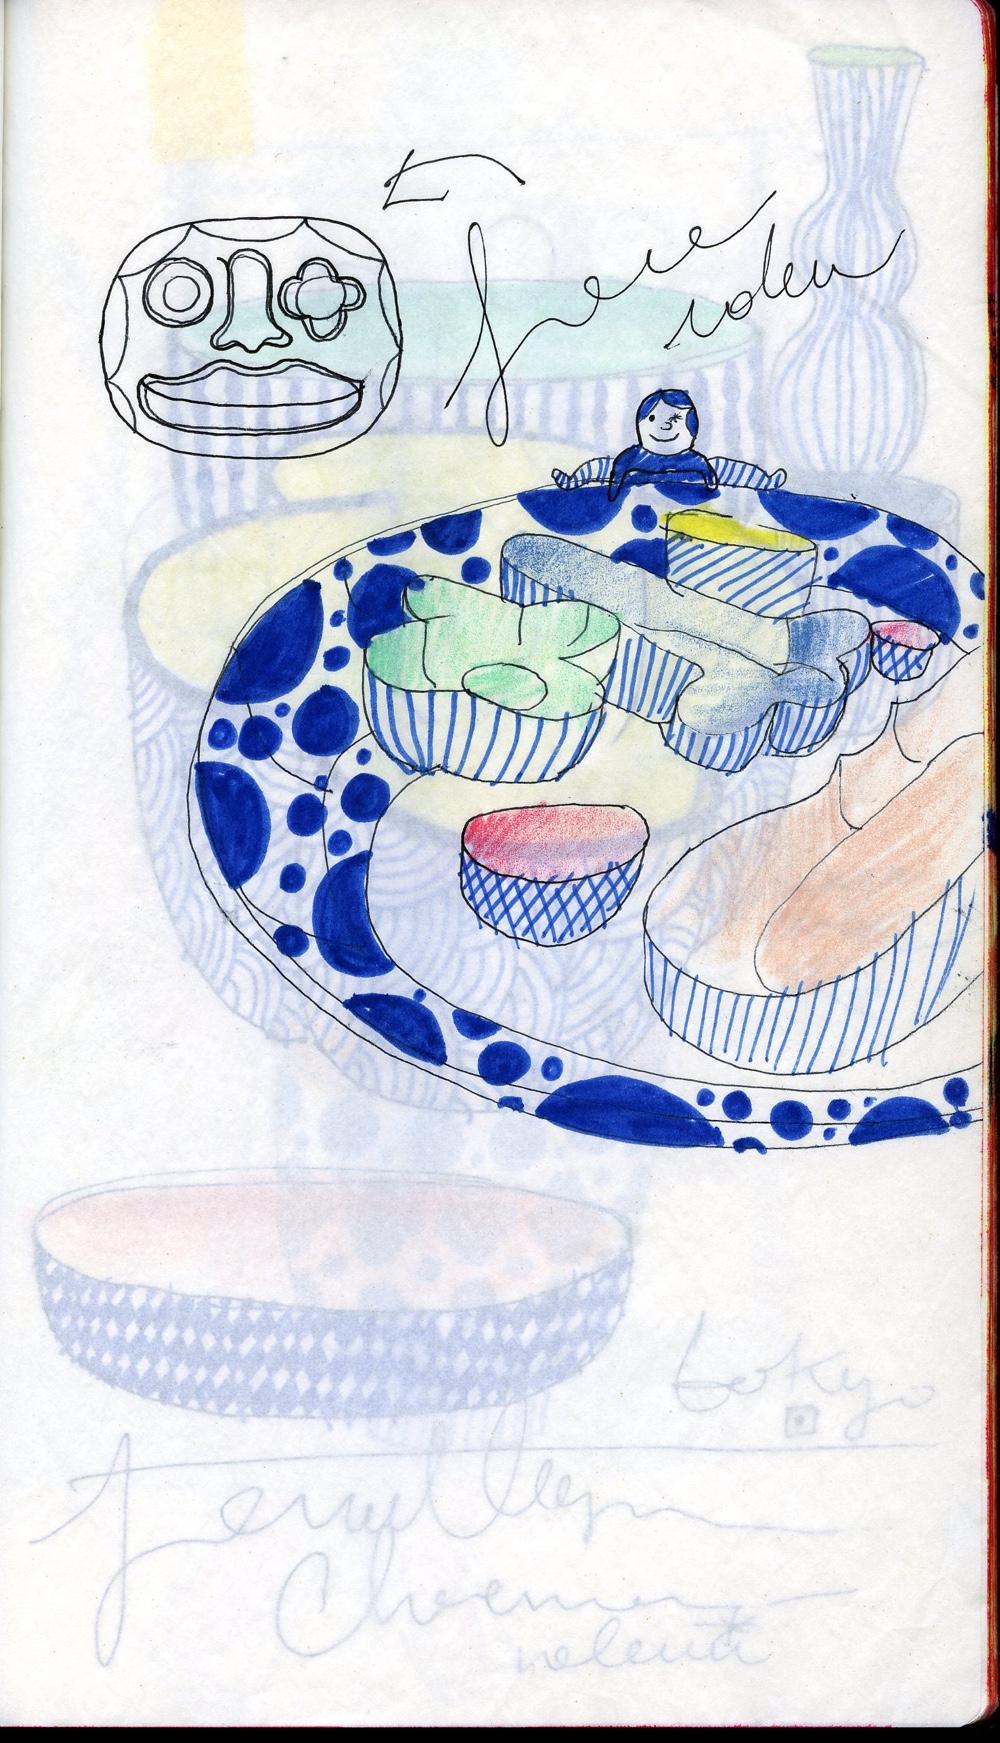 Kutani Choemon drawing